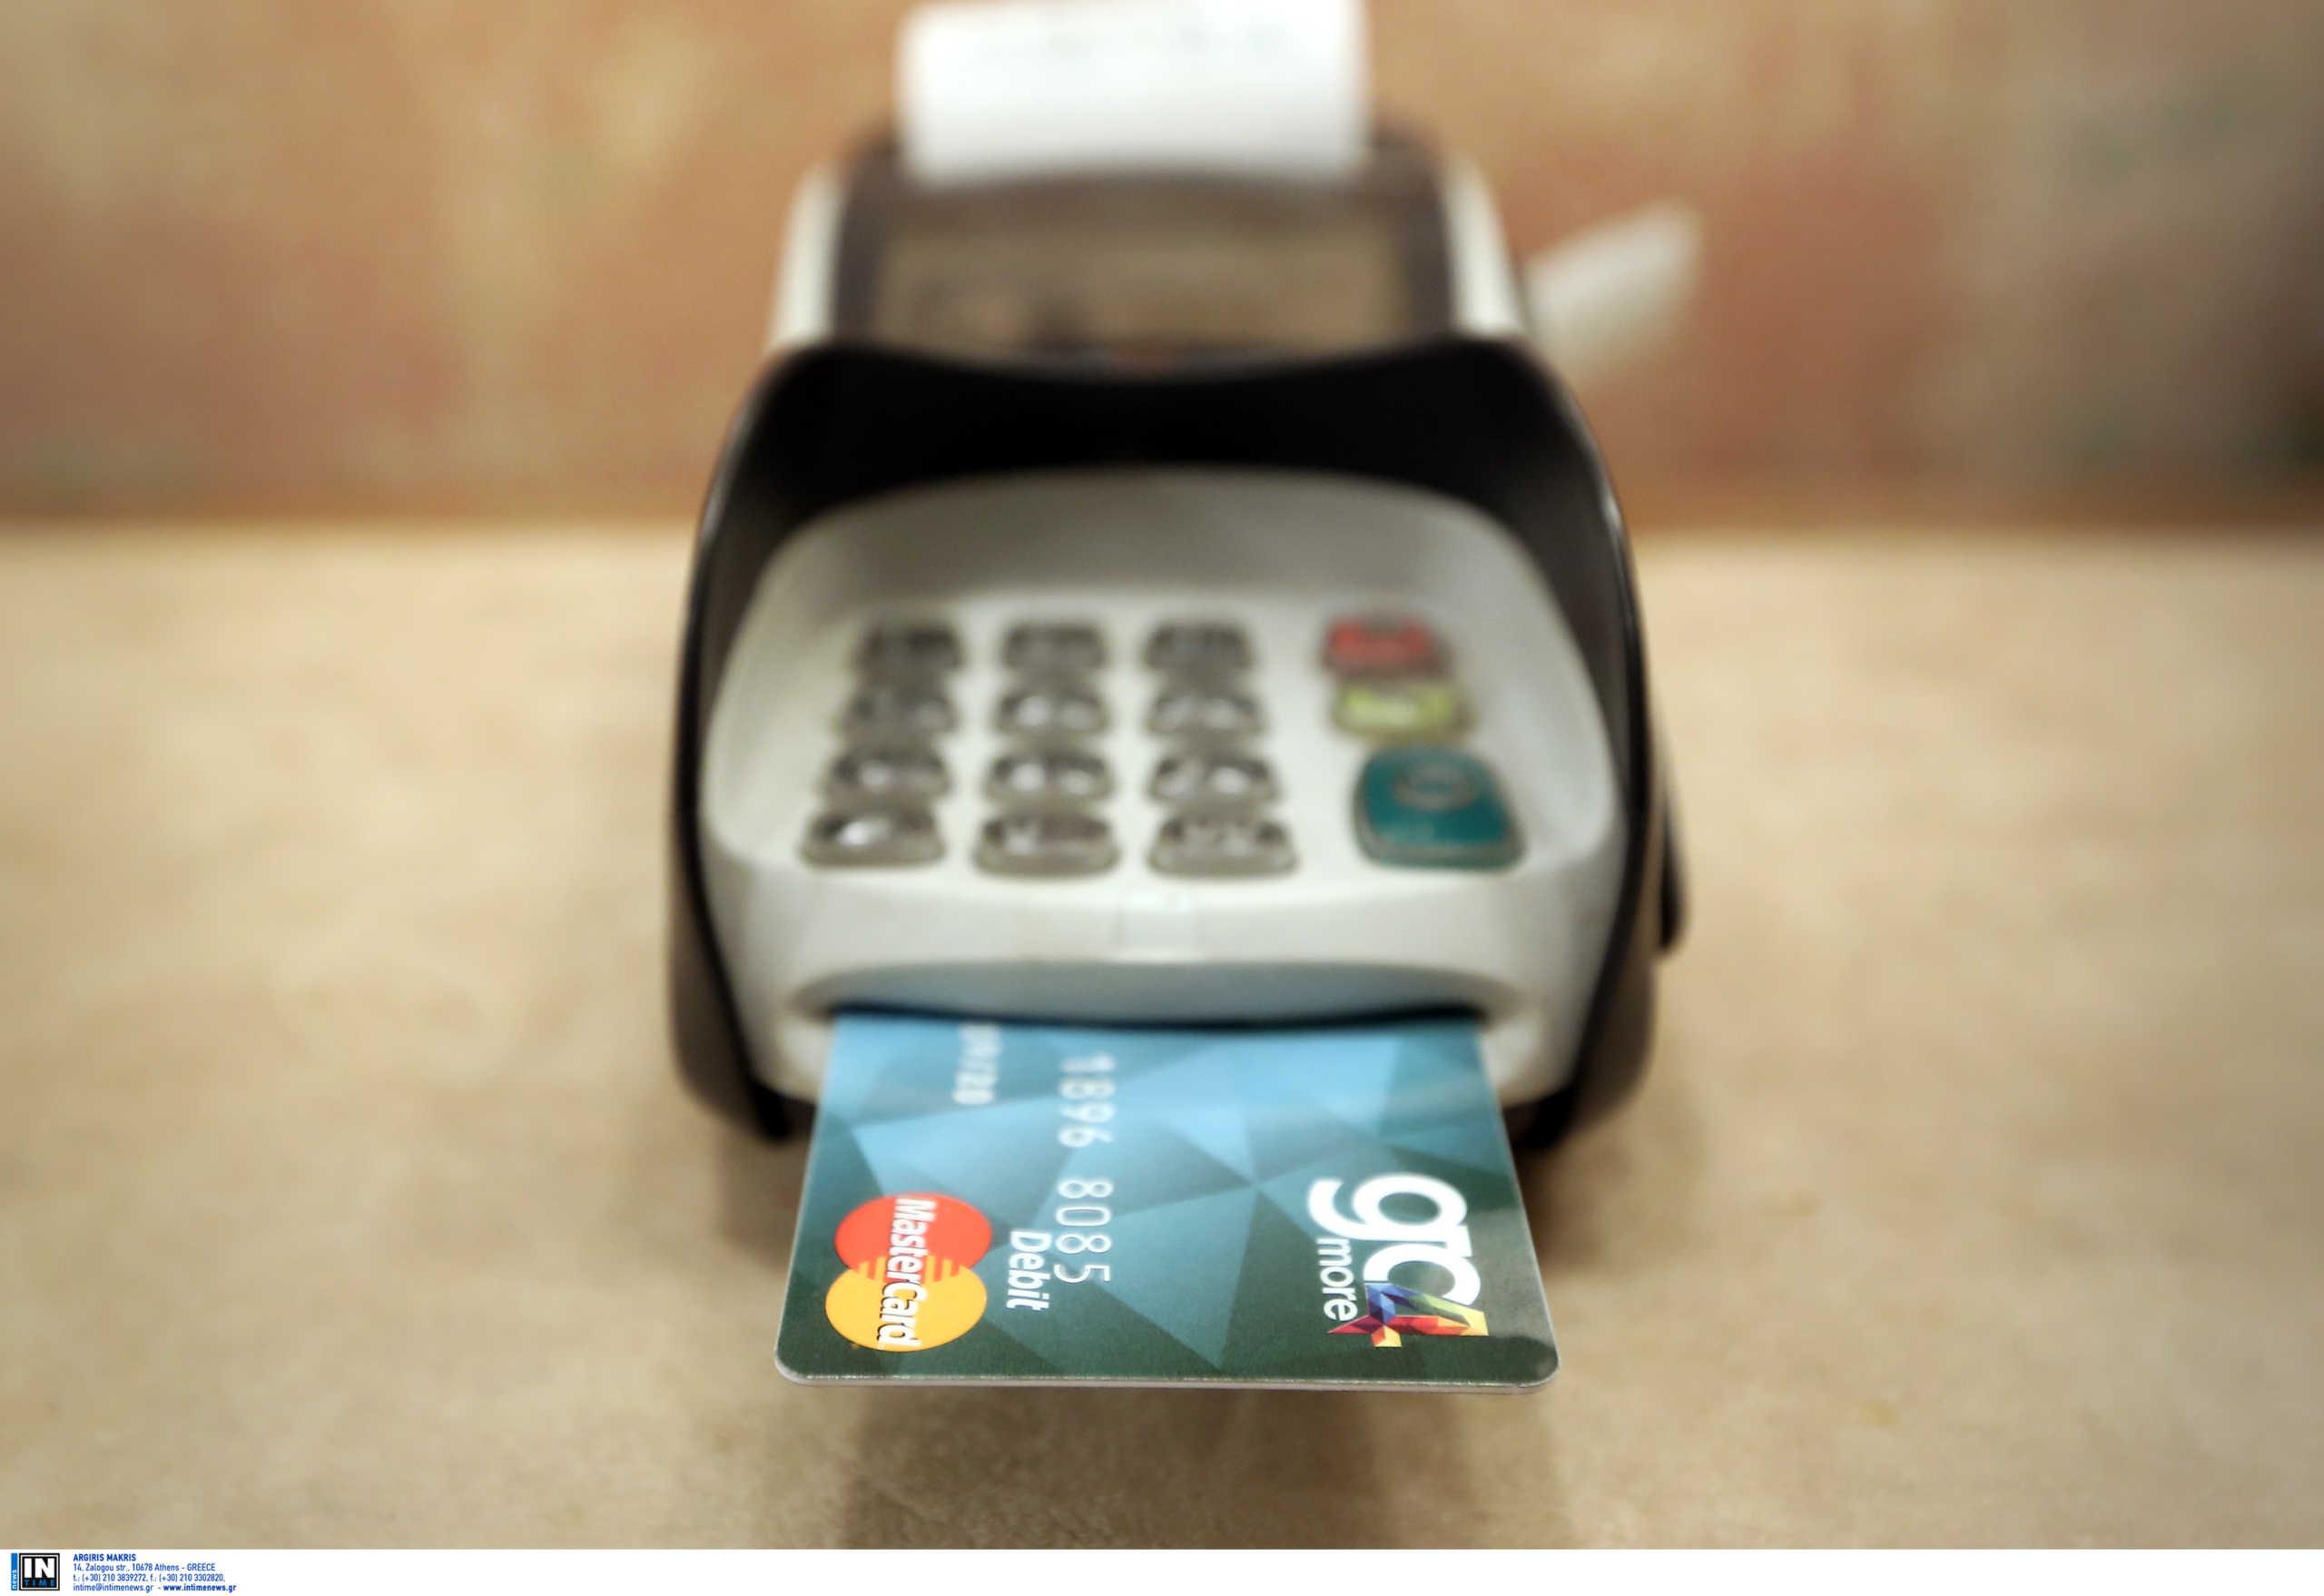 Αλλάζει από σήμερα το όριο ανέπαφων συναλλαγών χωρίς PIN